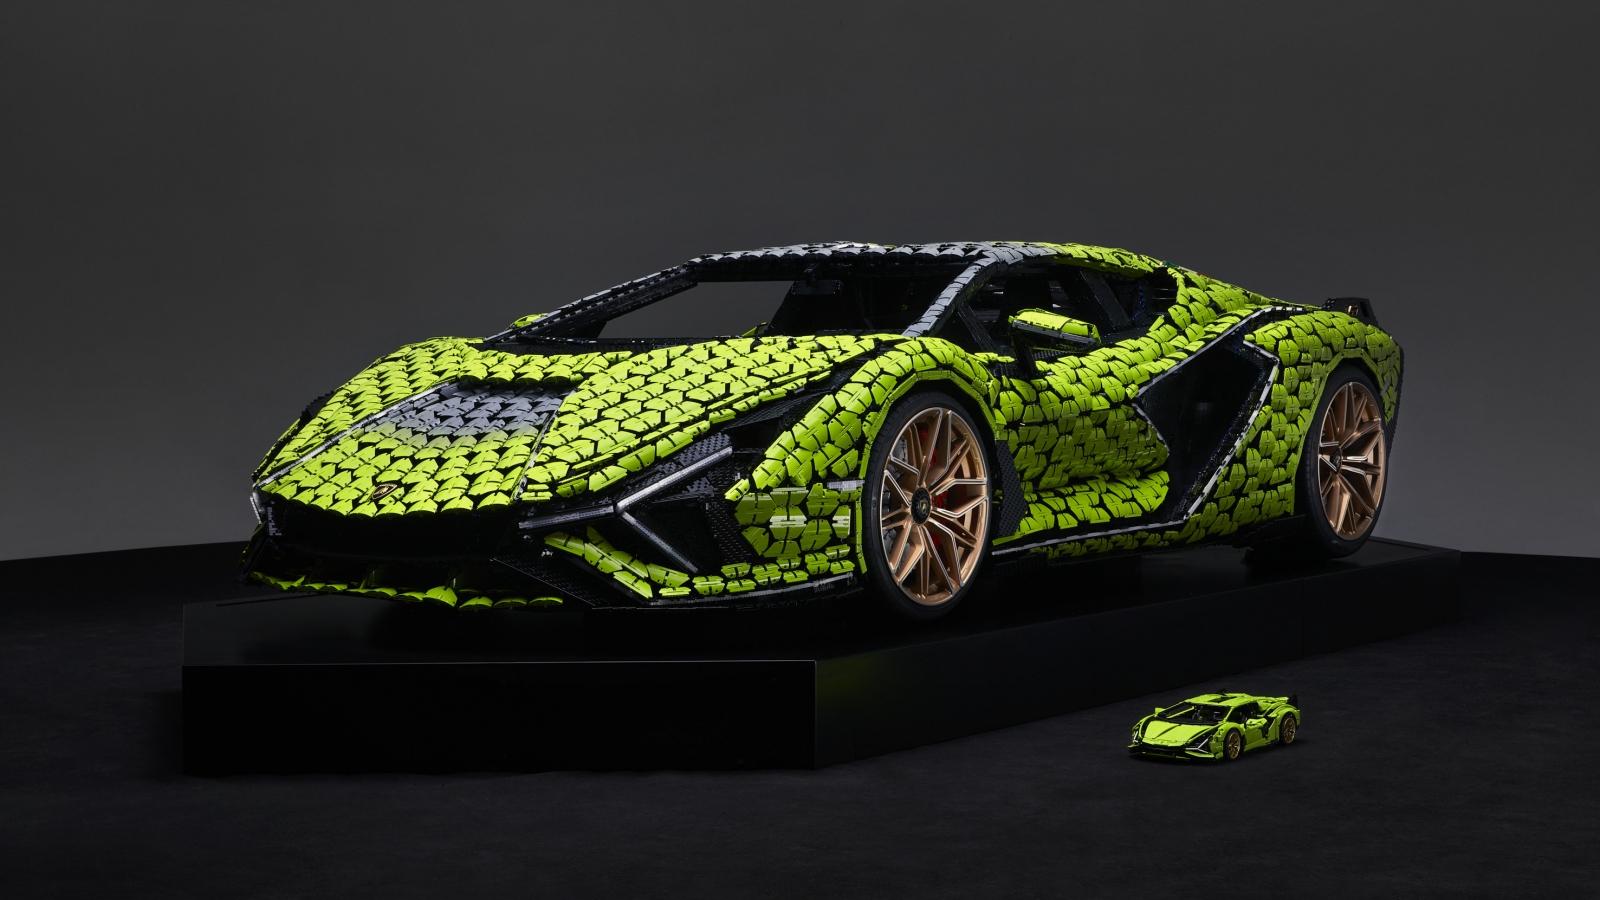 Lego hợp tác cùng Lamborghini ra mắt mô hình của siêu phẩm Sián FKP37 tỉ lệ thật